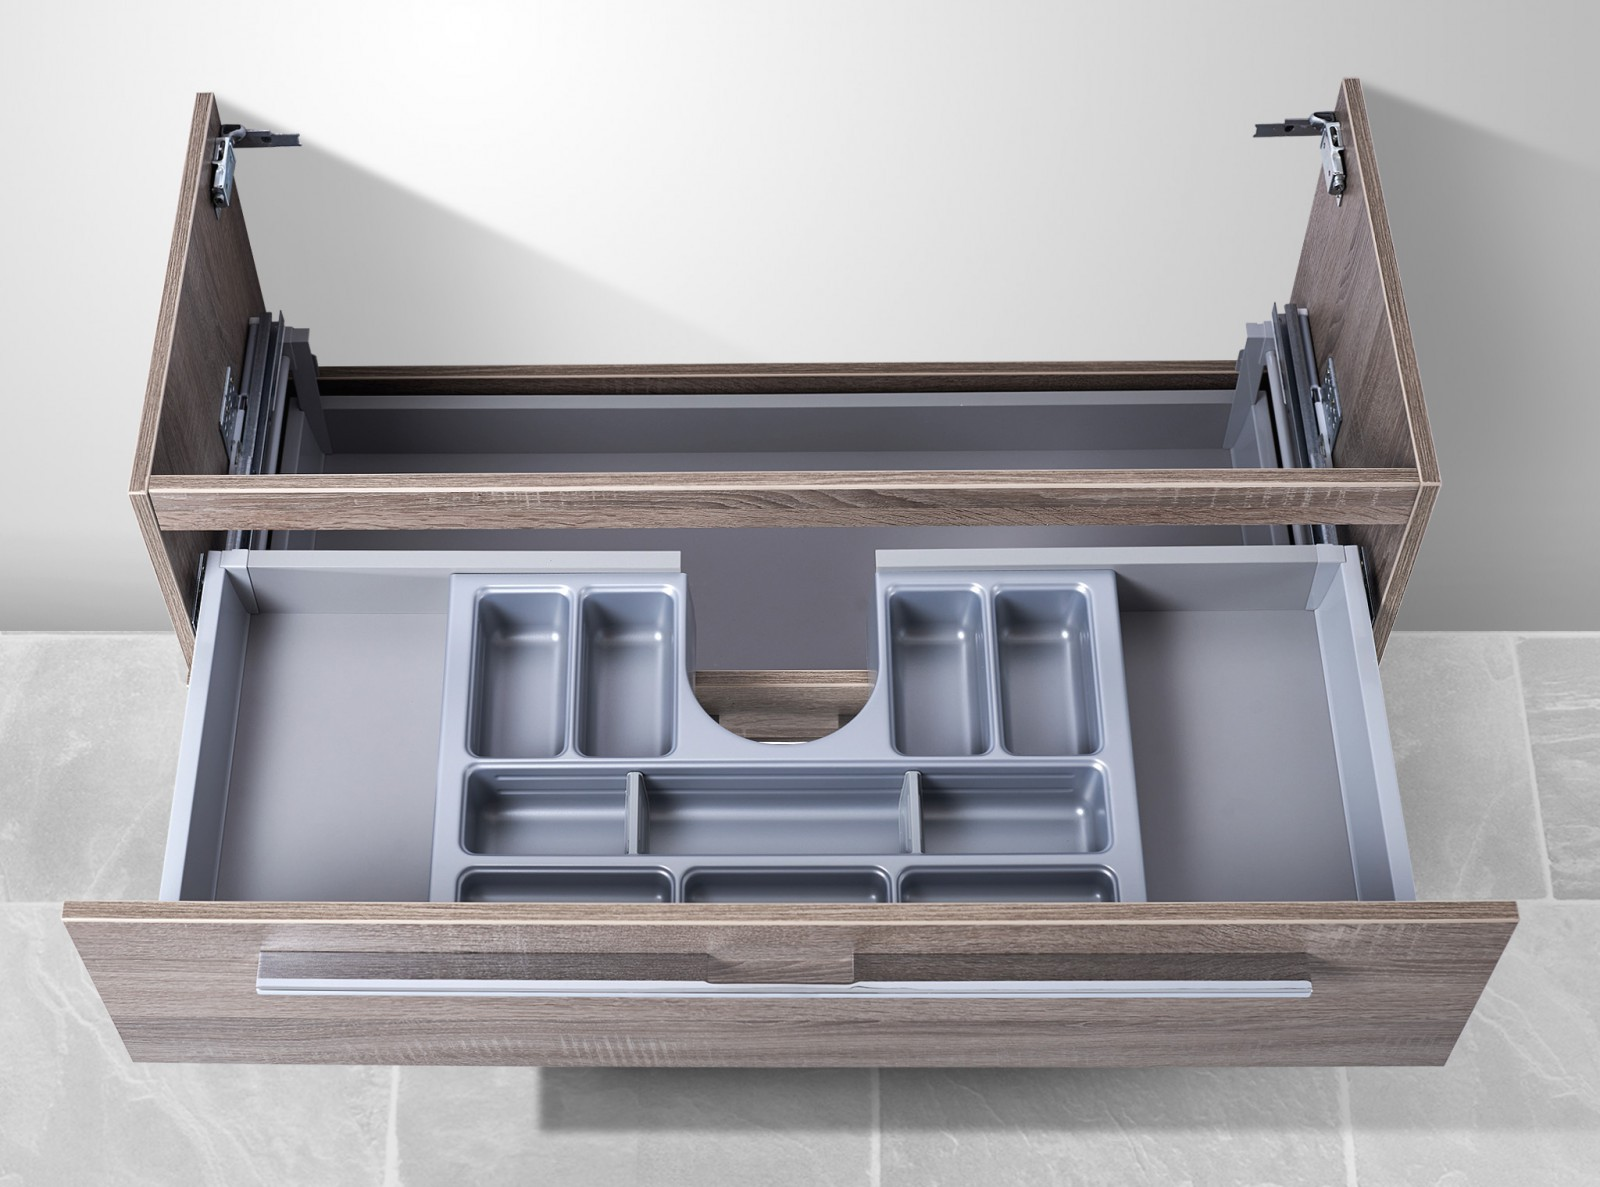 Waschtisch Unterschrank Zu Villeroy Boch Subway 2 0 80 Cm Mit